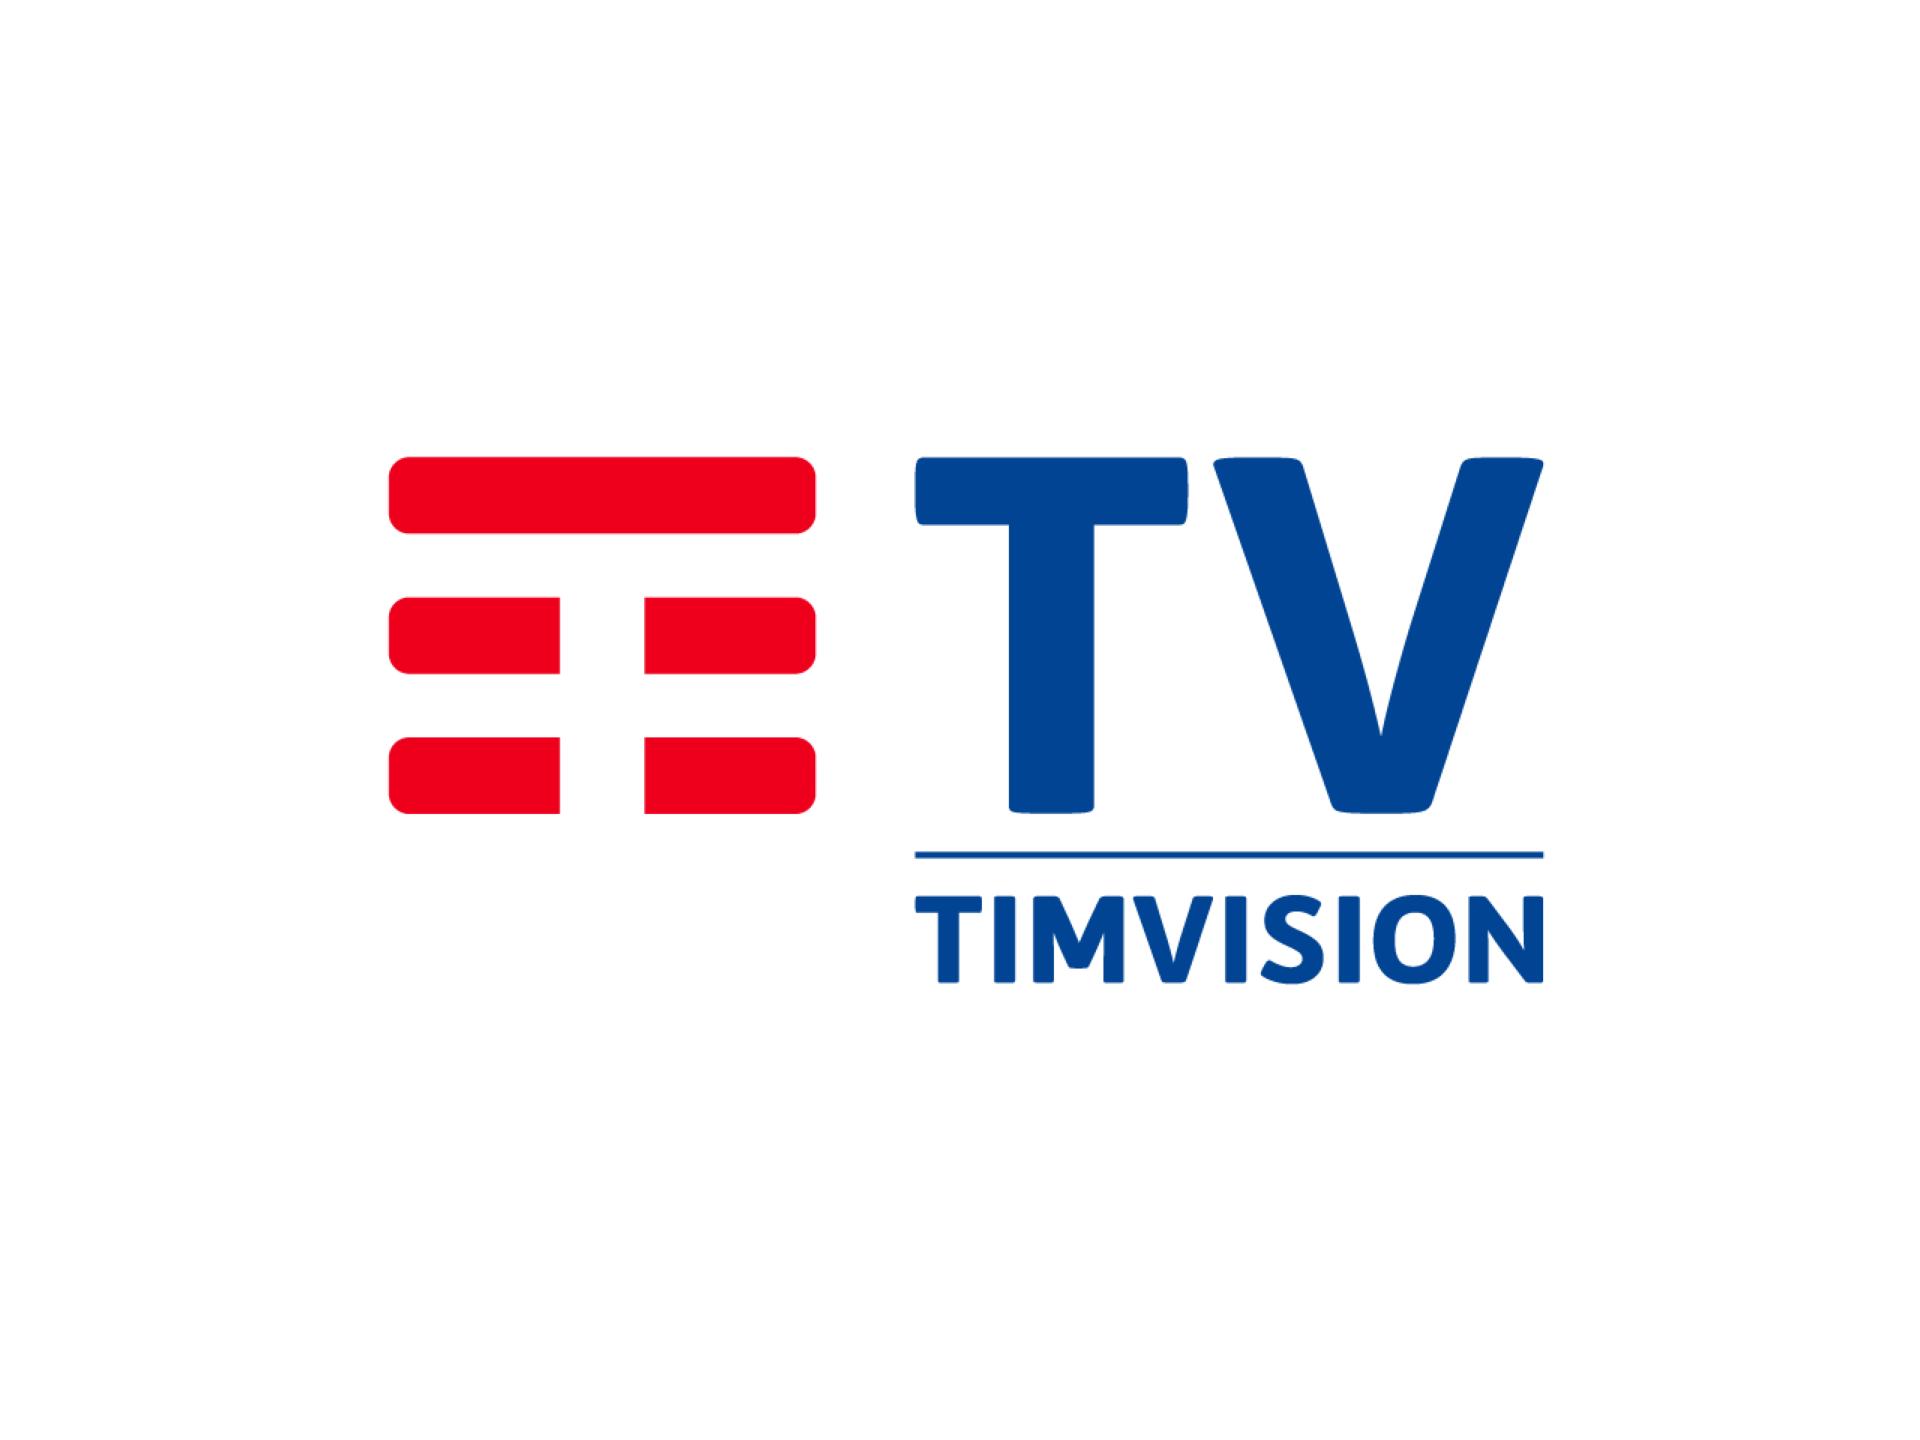 TIMVISION novità giugno 2020: film, serie TV e originals